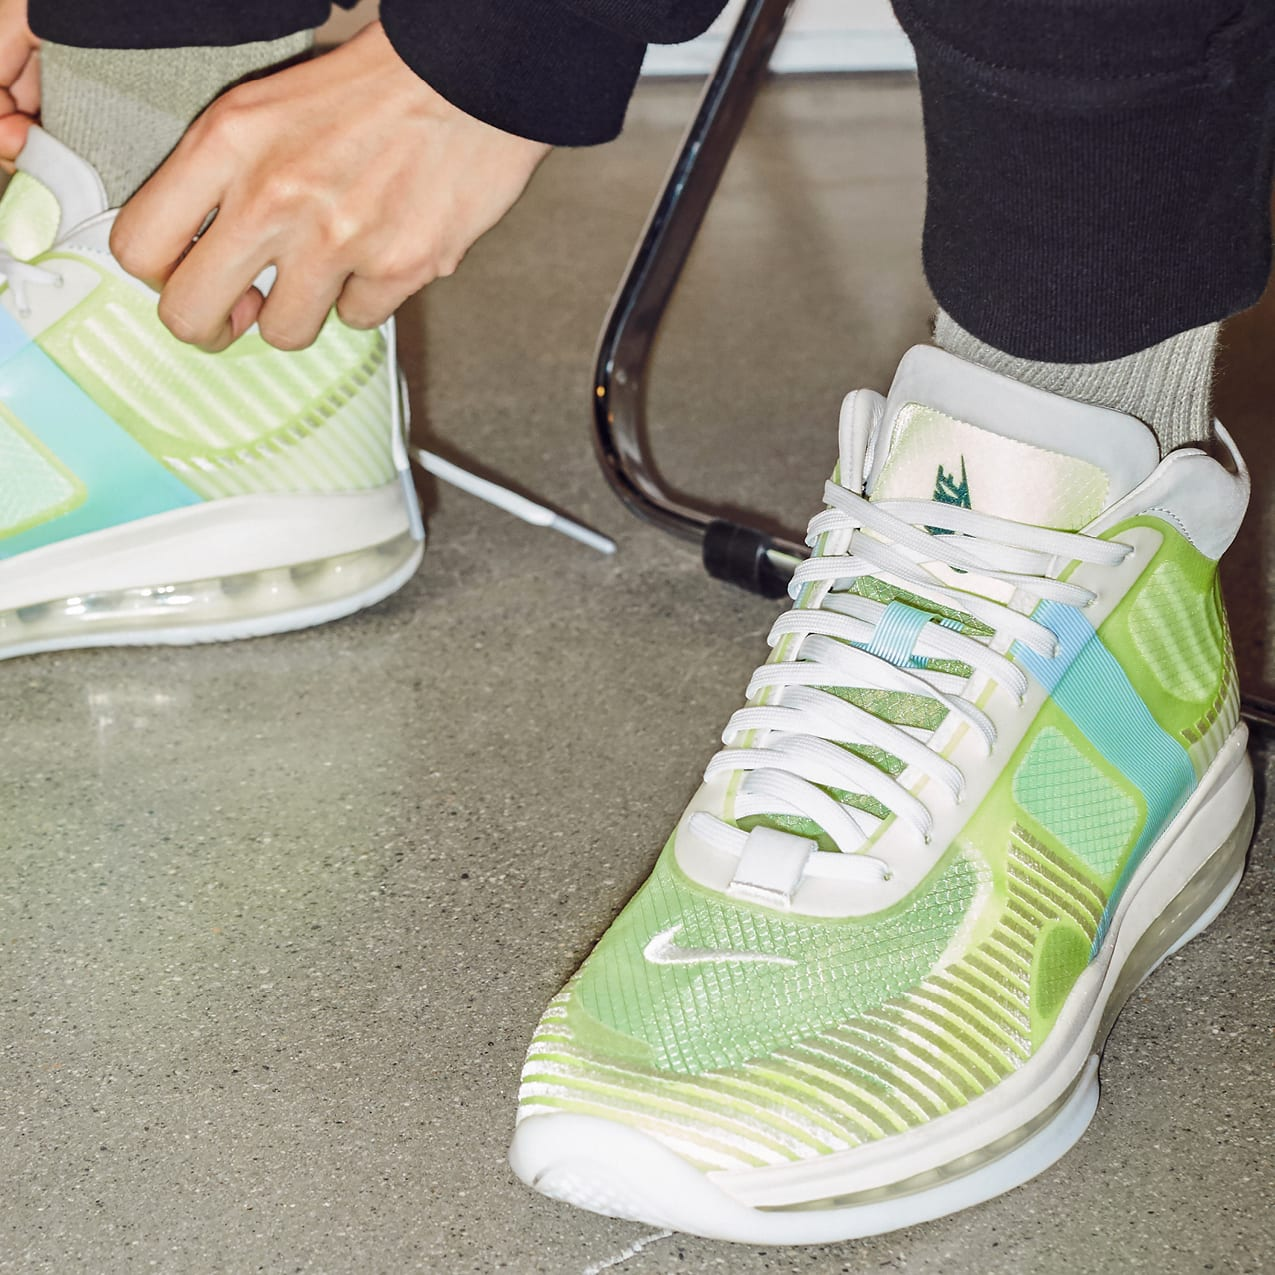 5d4730820b9 Nike LeBron Icon Volt Image via John Elliott ...